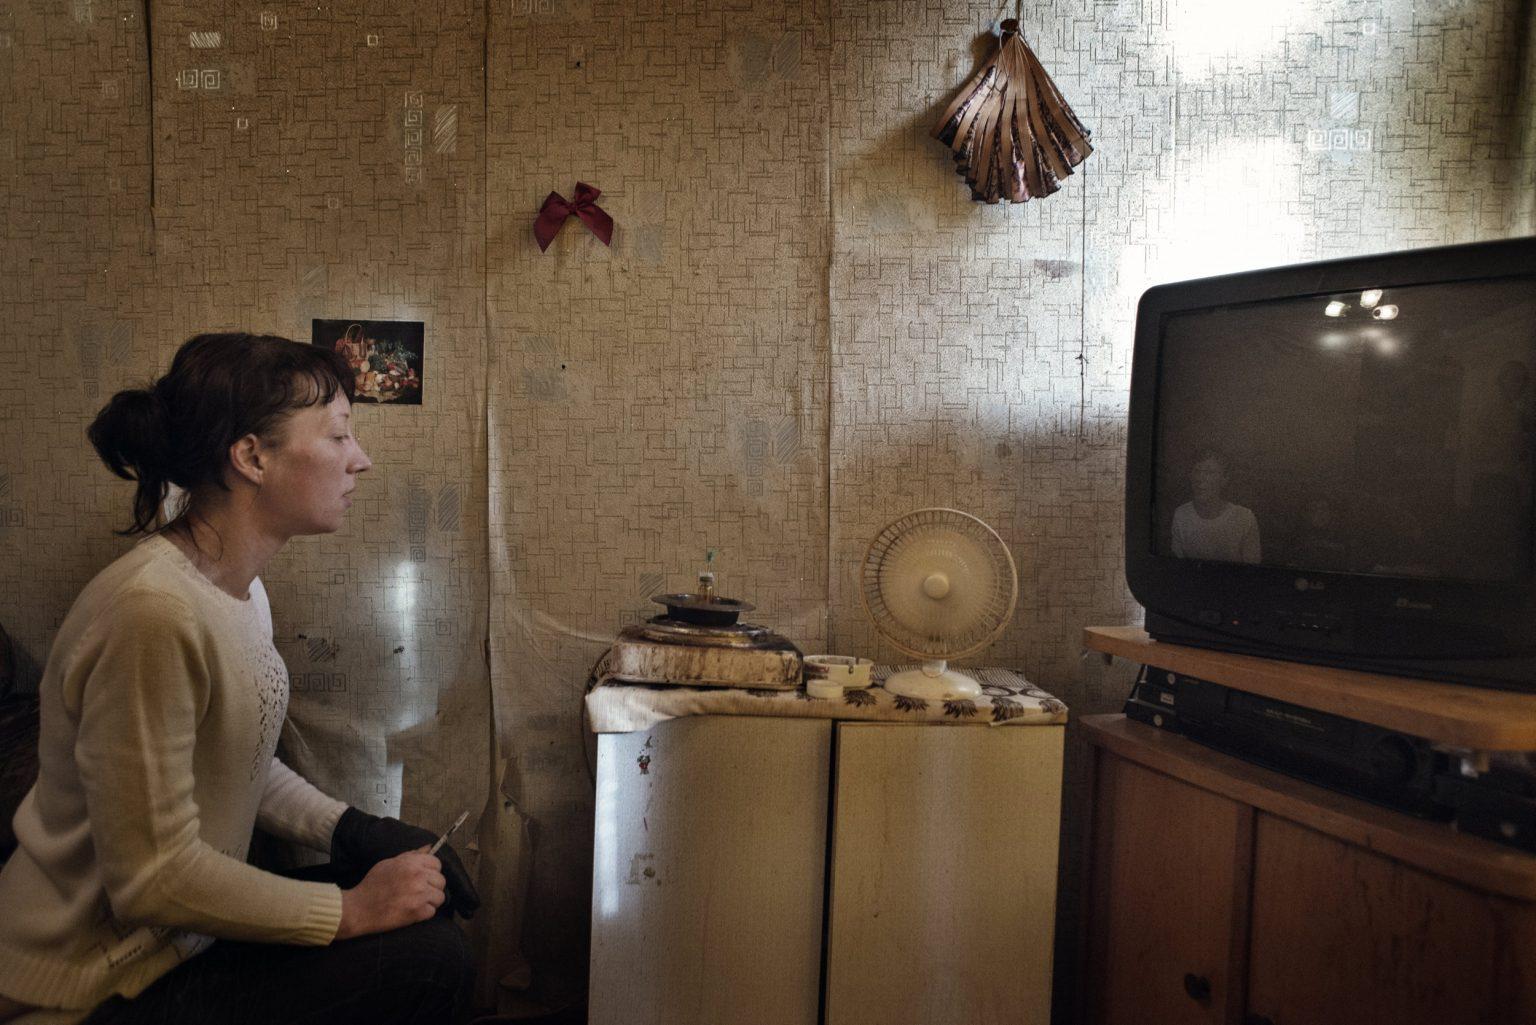 Yekaterinburg, Russia, November 2013 - Zhanna checks the krokodil while it cooks. (Zhanna died in 2015 due to the long use of Krokodil). >< Yekaterinburg, Russia, novembre 2013 - Zhanna controlla la Krokodil durante la cottura. (Zhanna è morta nel 2015 a seguito dell'uso prolungato di Krokdoil).